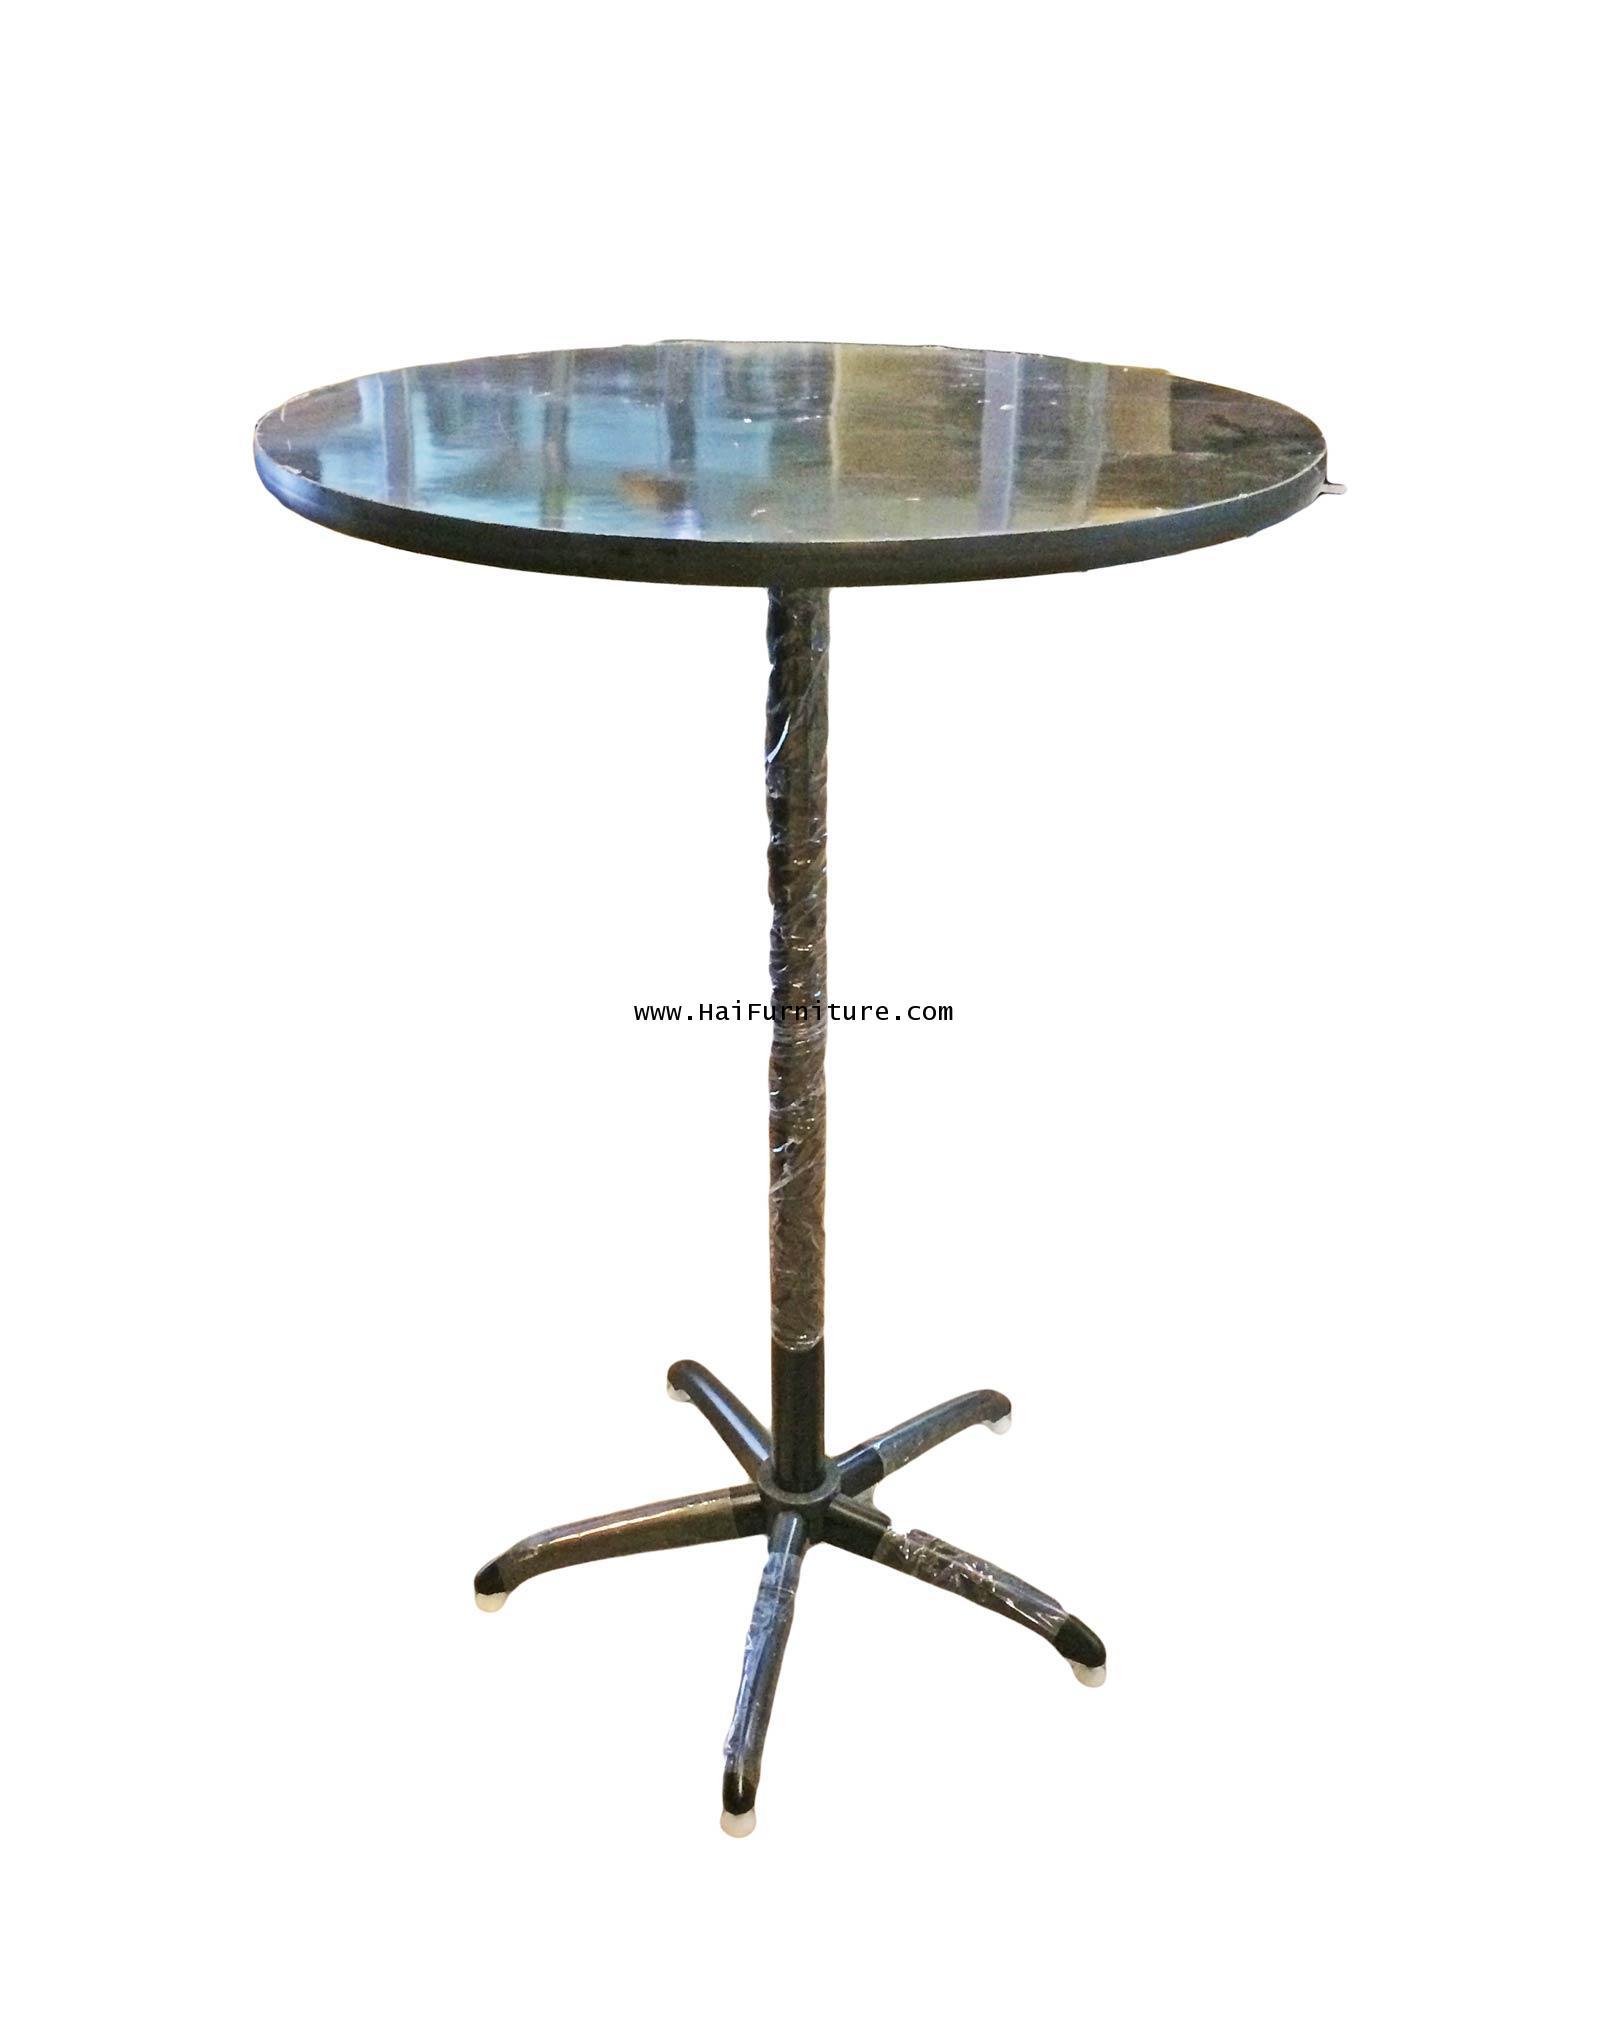 โต๊ะบาร์สูง หน้าสีดำ Elegant 75*75*110 ซม.